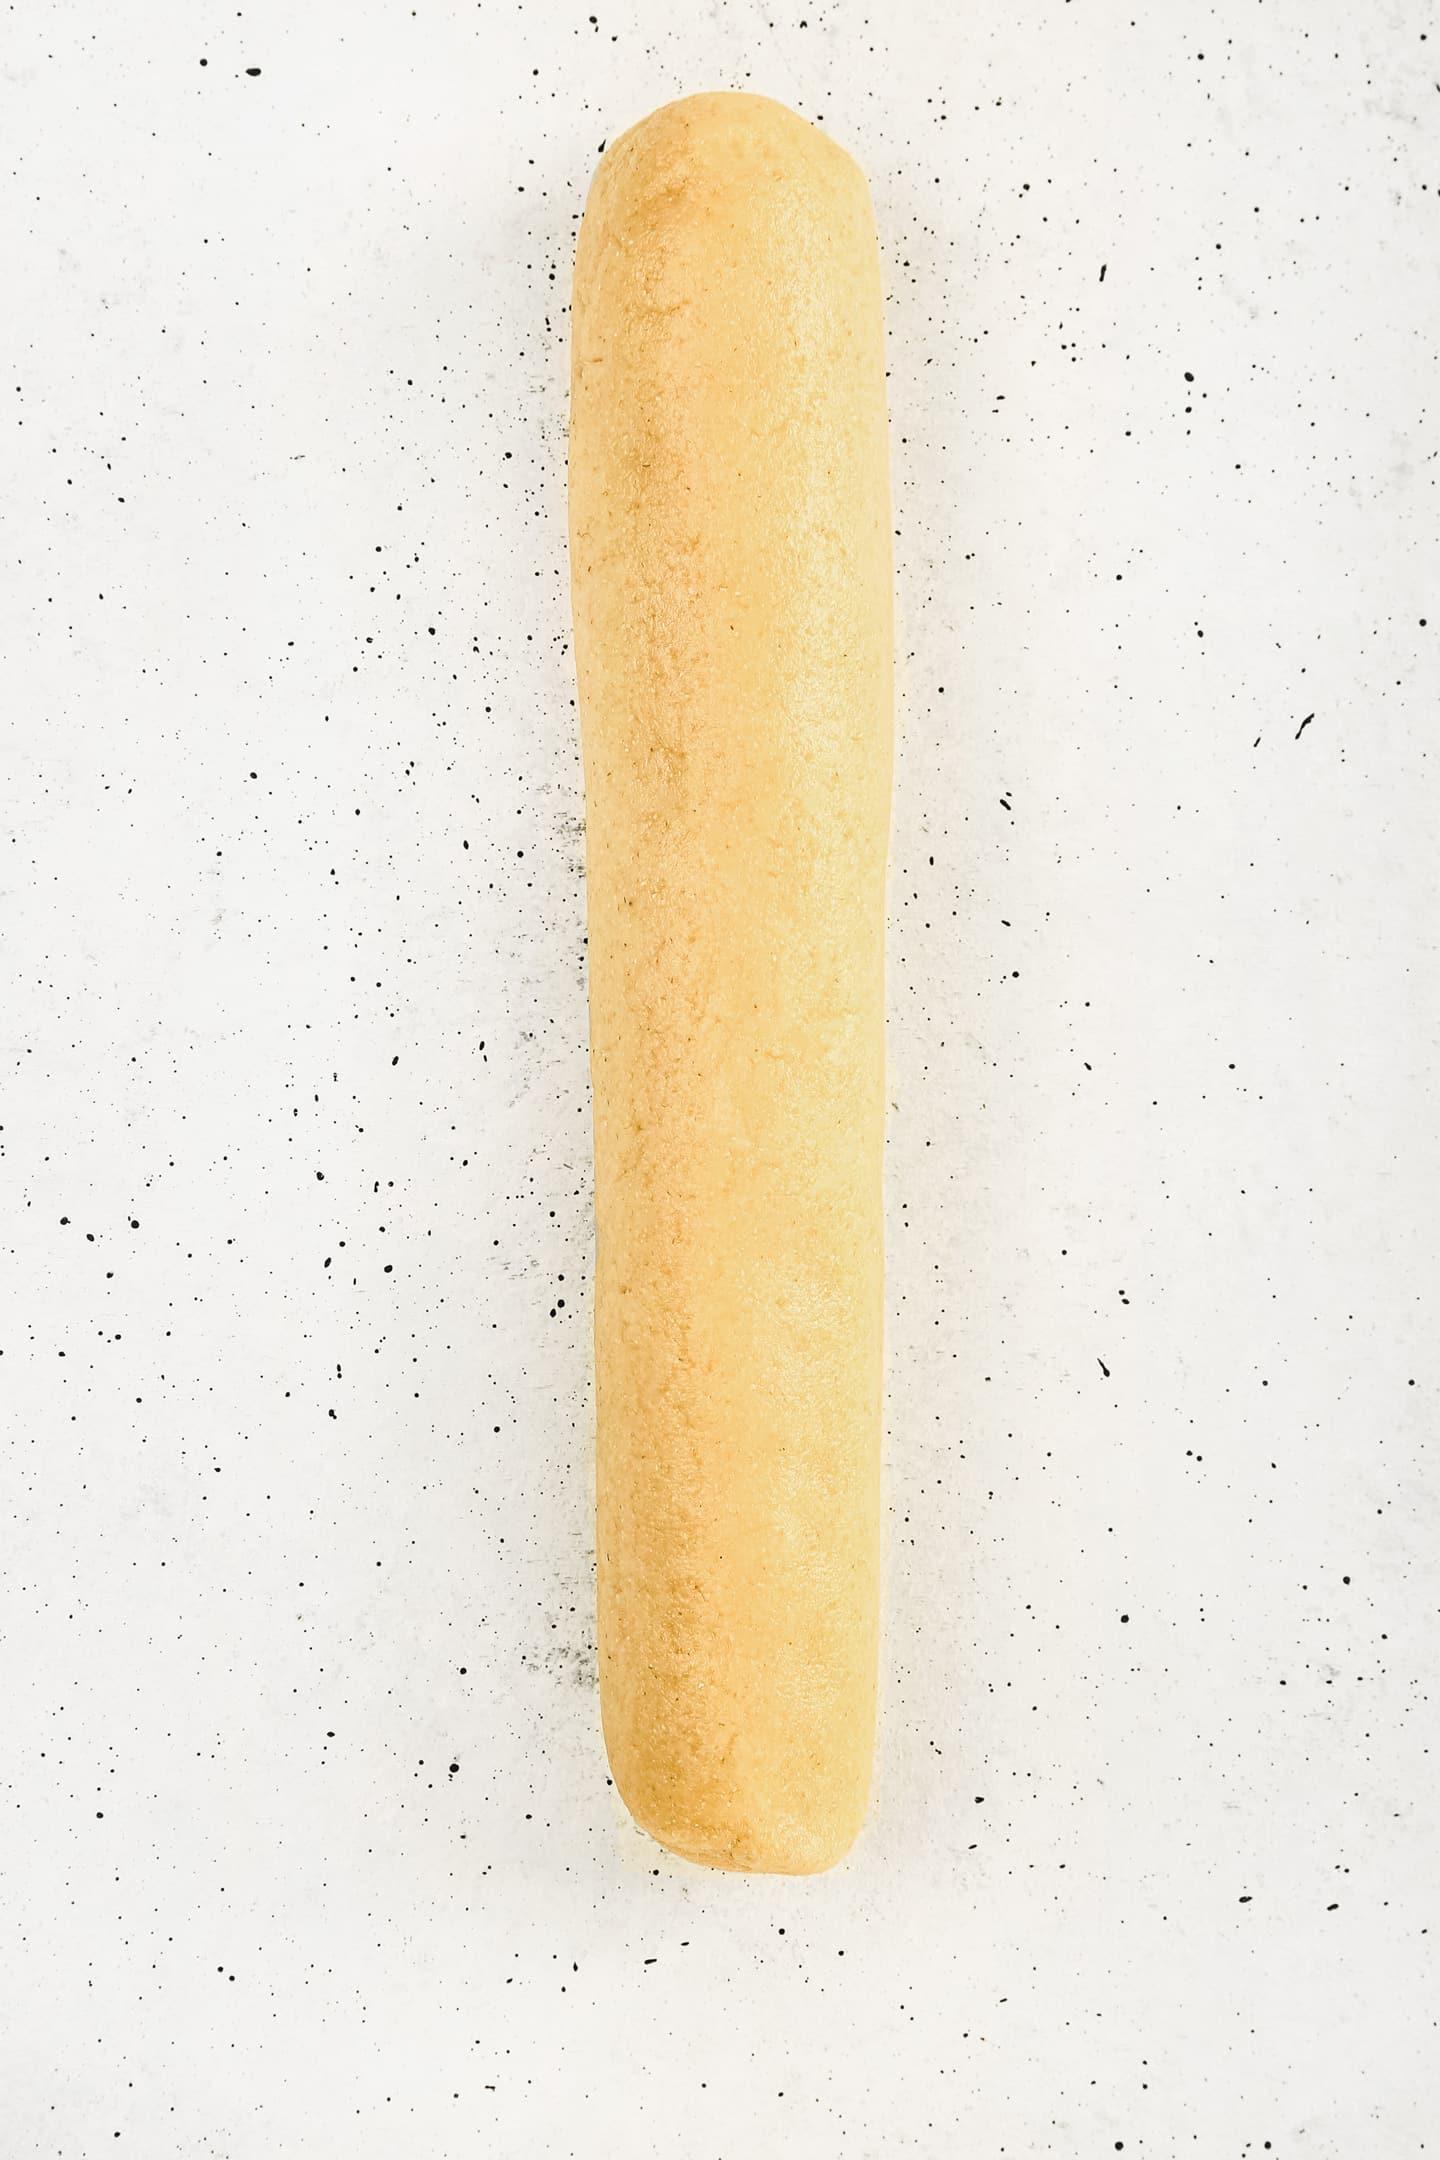 Pâte à makrout